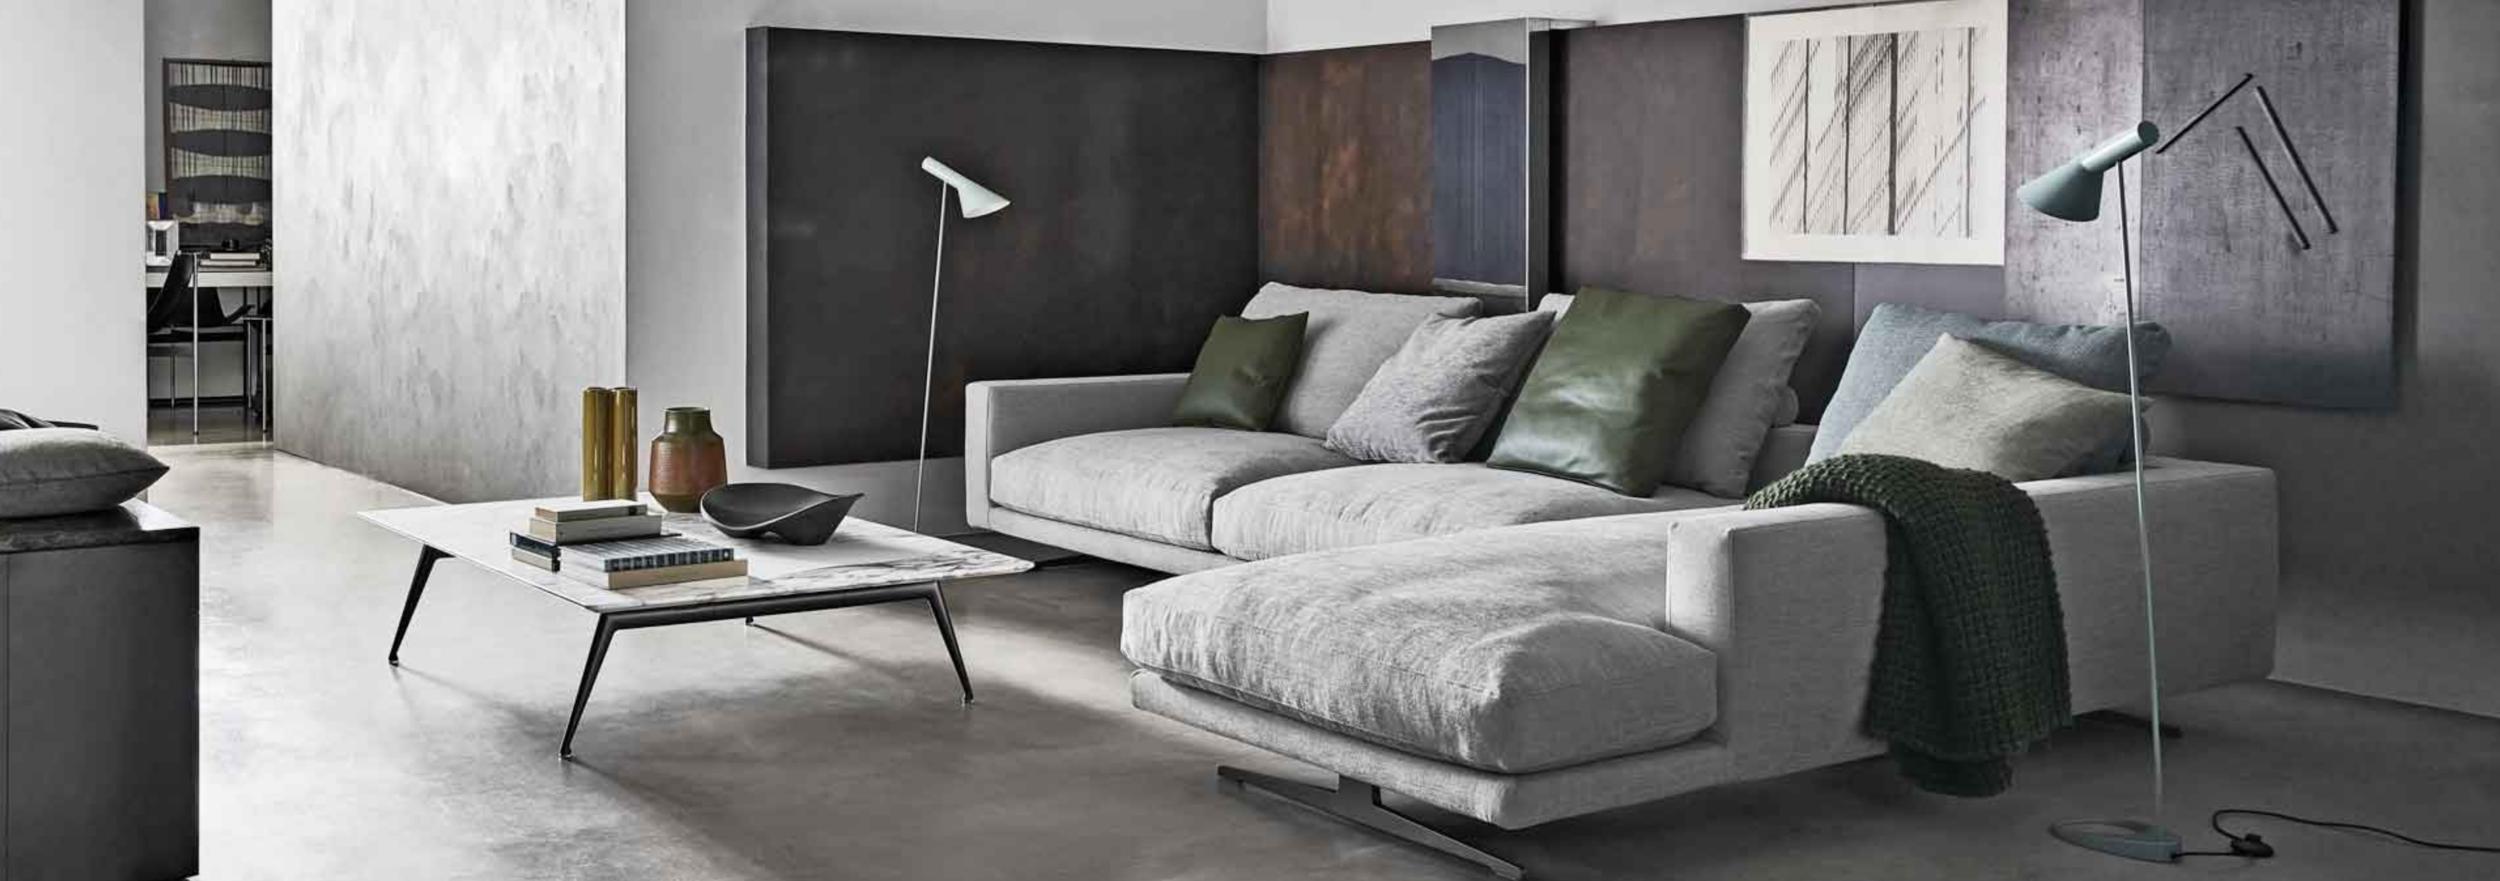 Campiello Flexform Design meubelwinkel Loncin in Hasselt Leuven Zoutleeuw Sint-Truiden Tienen Brussels Bruxelles Wavre Liege Namur zetel sofa &.png